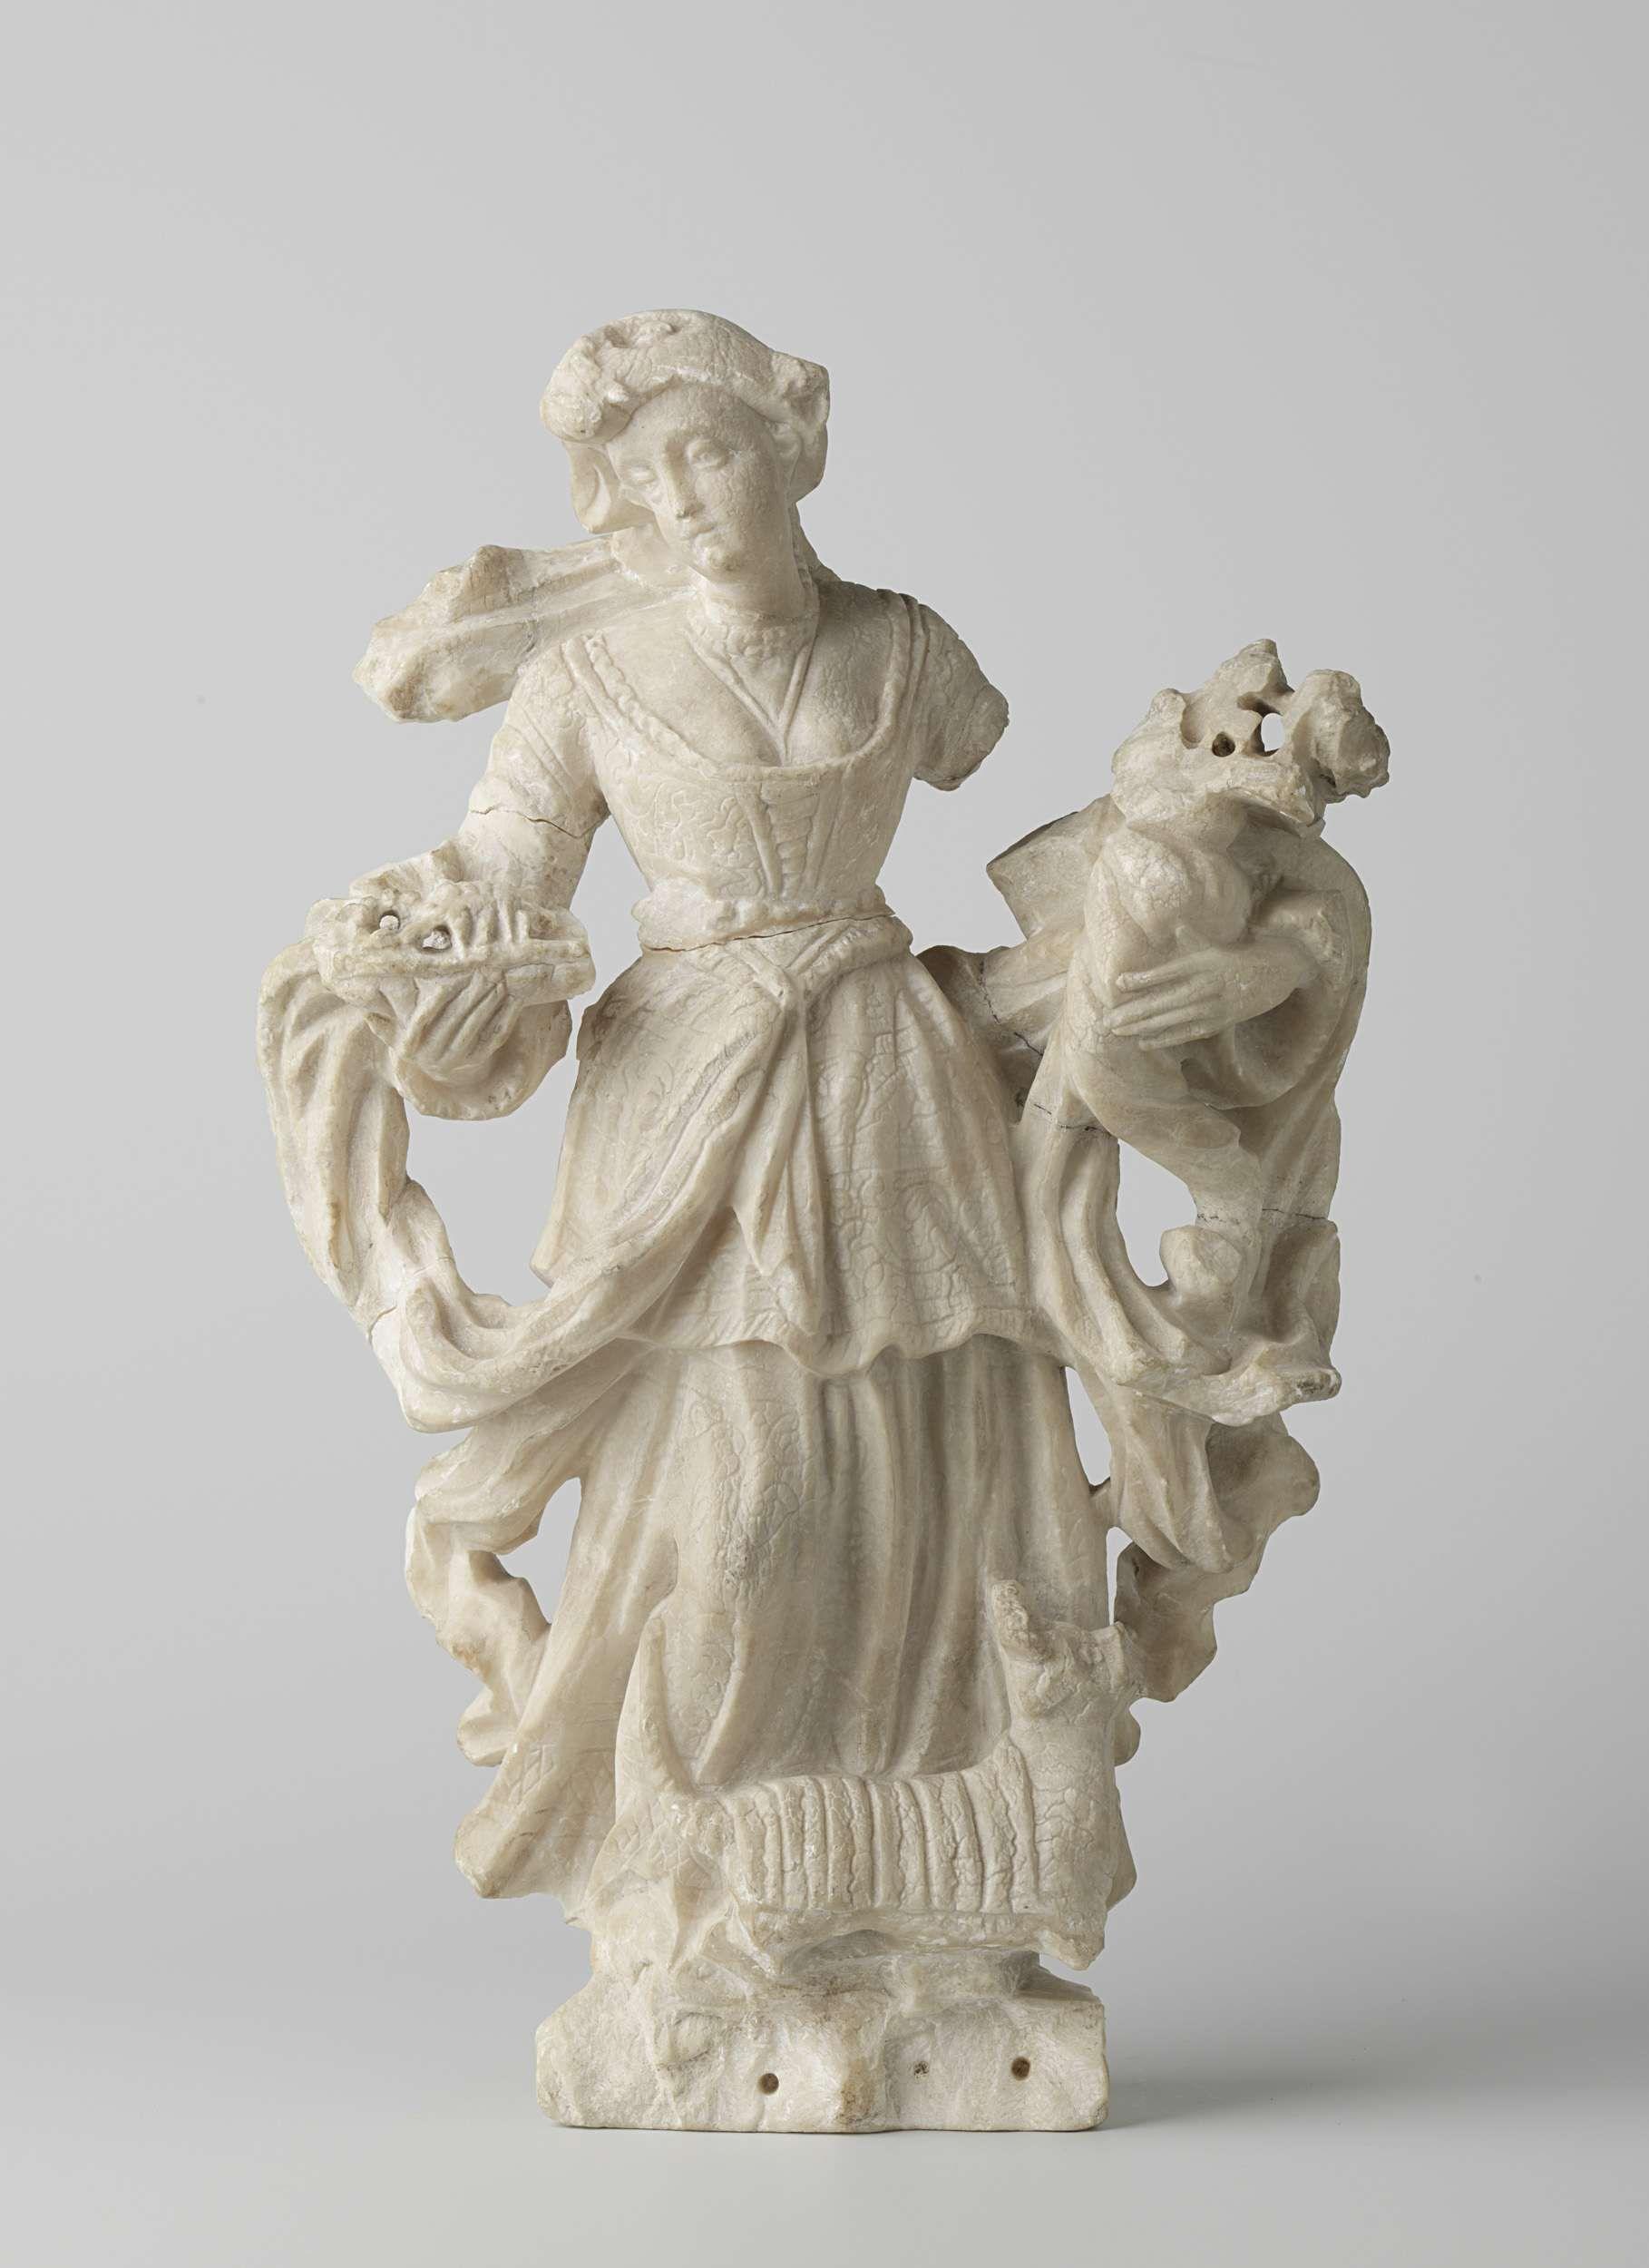 | Vrouwenfiguur, 1700 - 1800 |